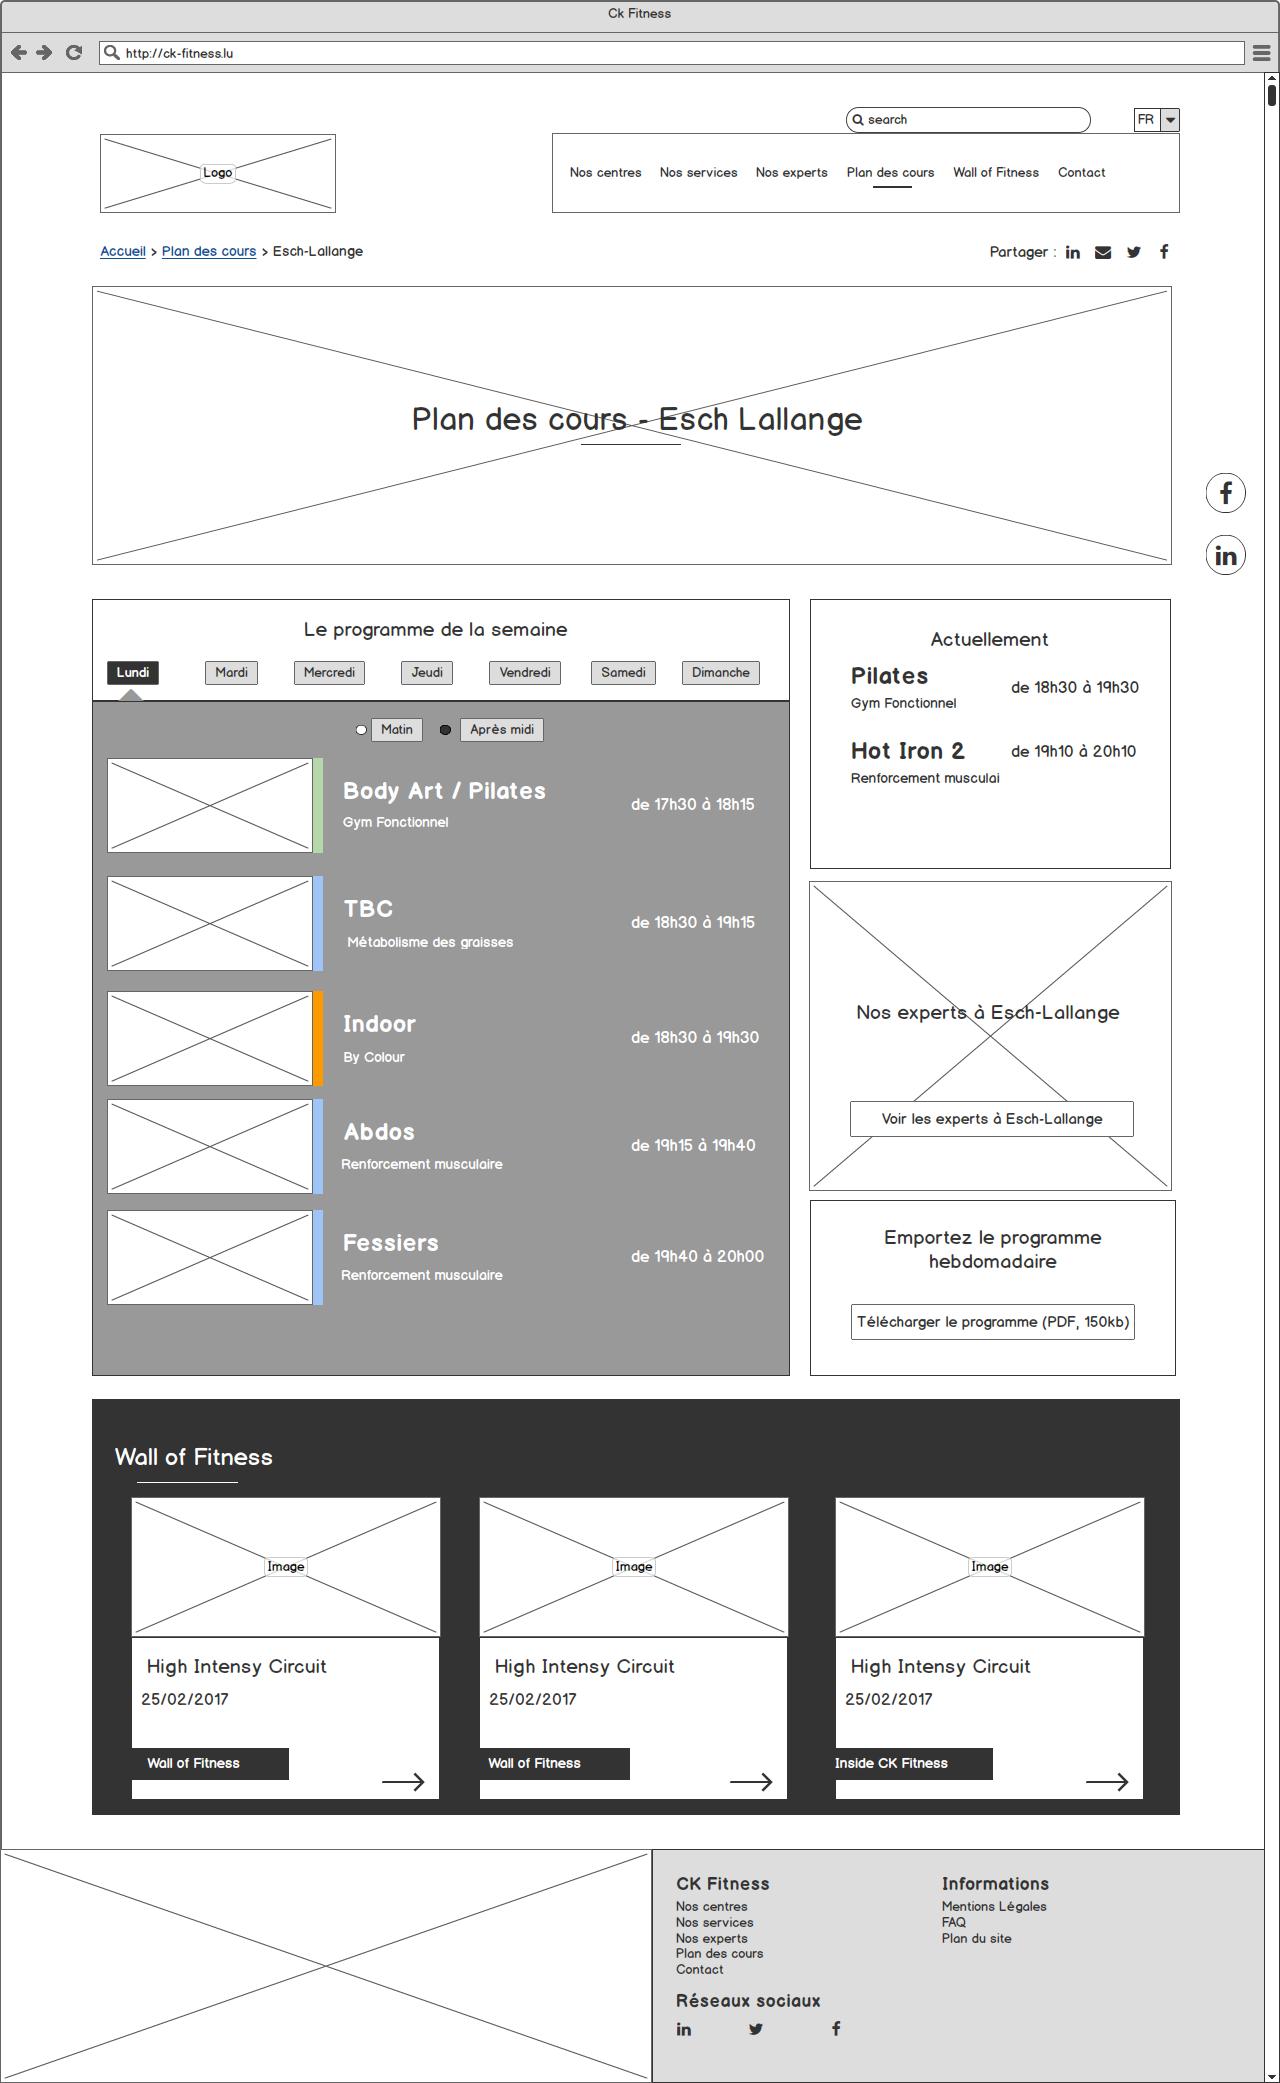 05_Plan des cours - Details.png